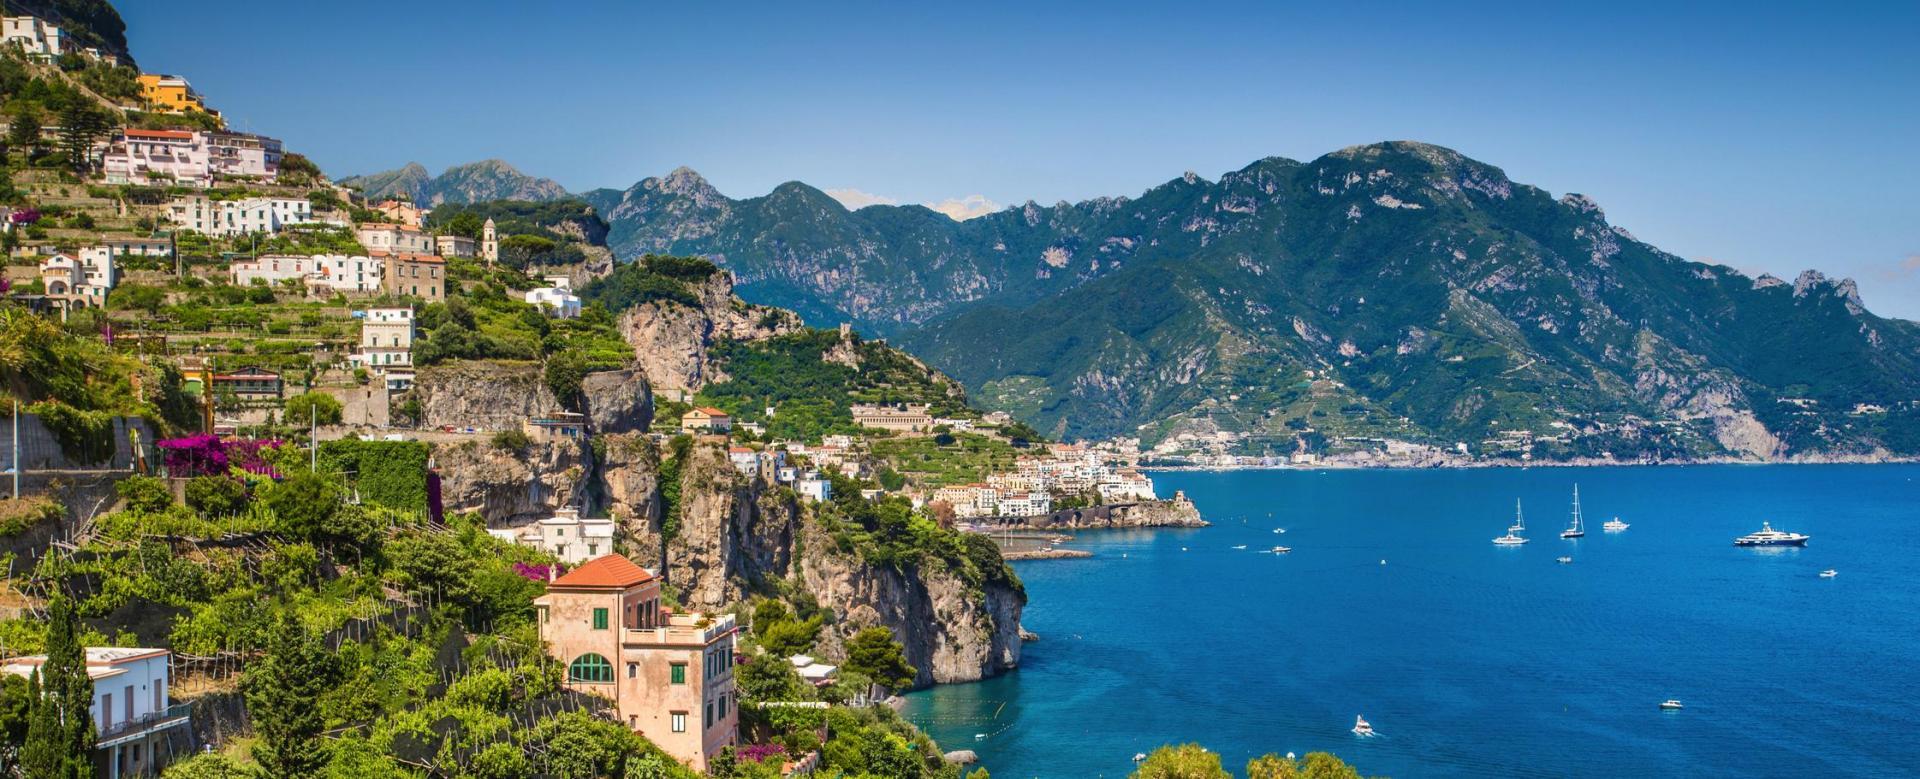 Voyage à pied Italie : Naples et pompéi, vestiges et volcans